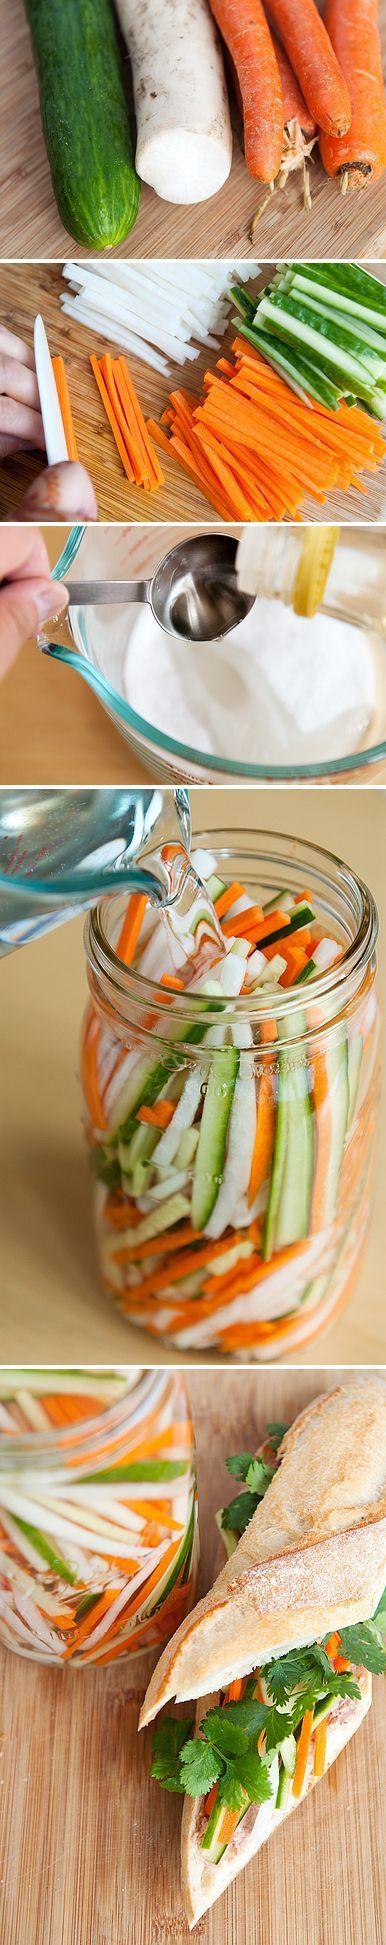 Pickles de légumes vietnamien 1 tasse de sucre 1 tasse de sel 1 tasse de vinaigre de riz et des légumes en batonnets, cocombre, navet, carotte ...